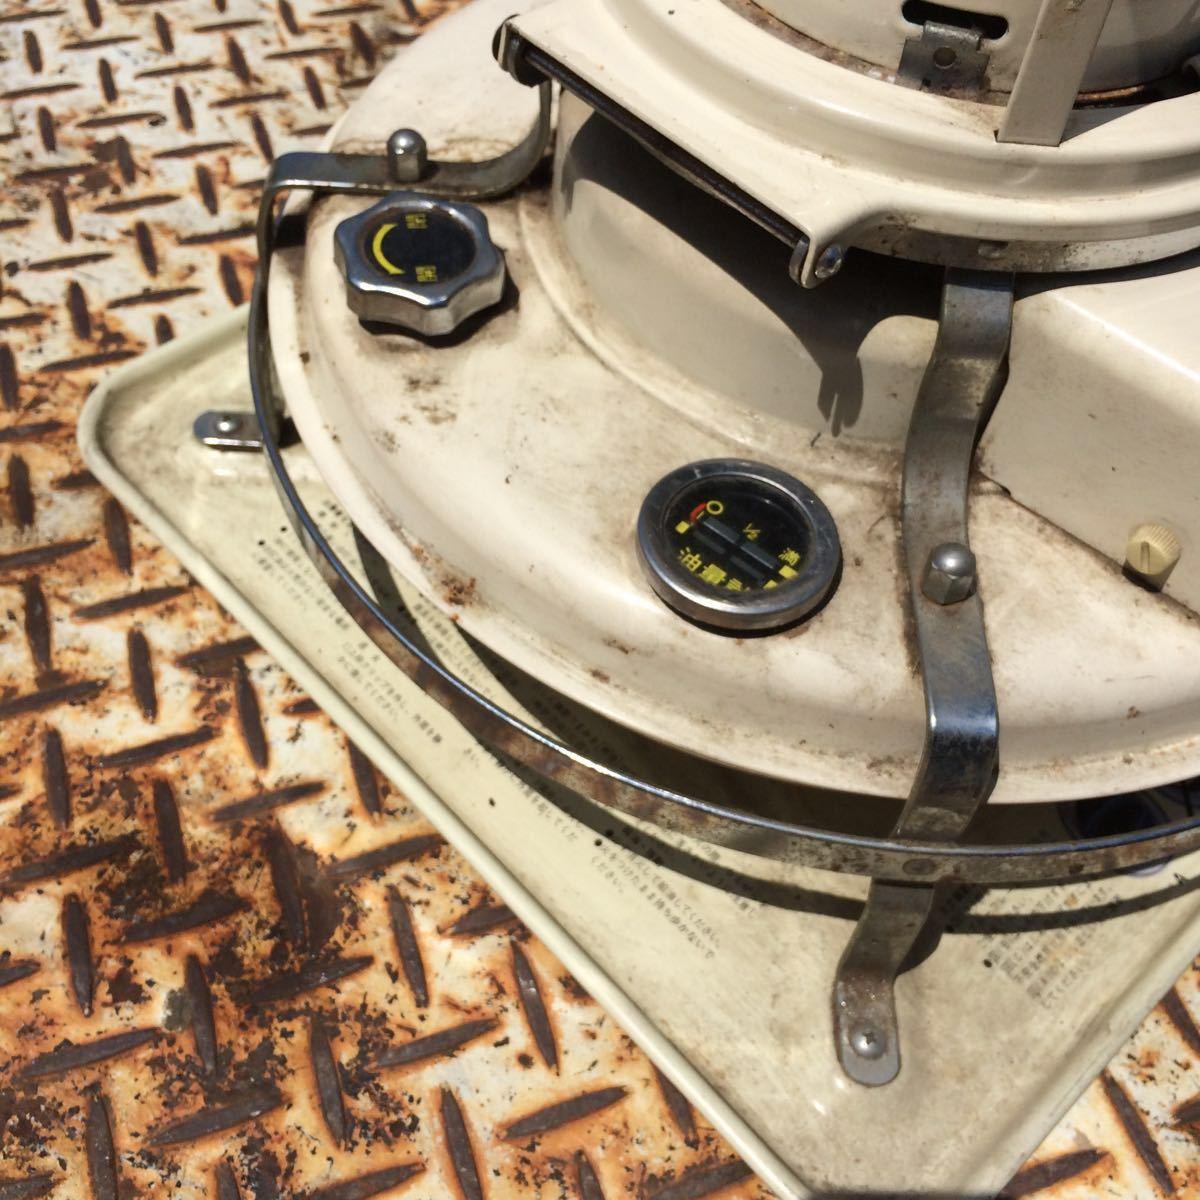 Aladdin アラジン 石油ストーブ J390001 上下式対流型 昭和レトロ アンティーク4.1L【ジャンク品】_画像4